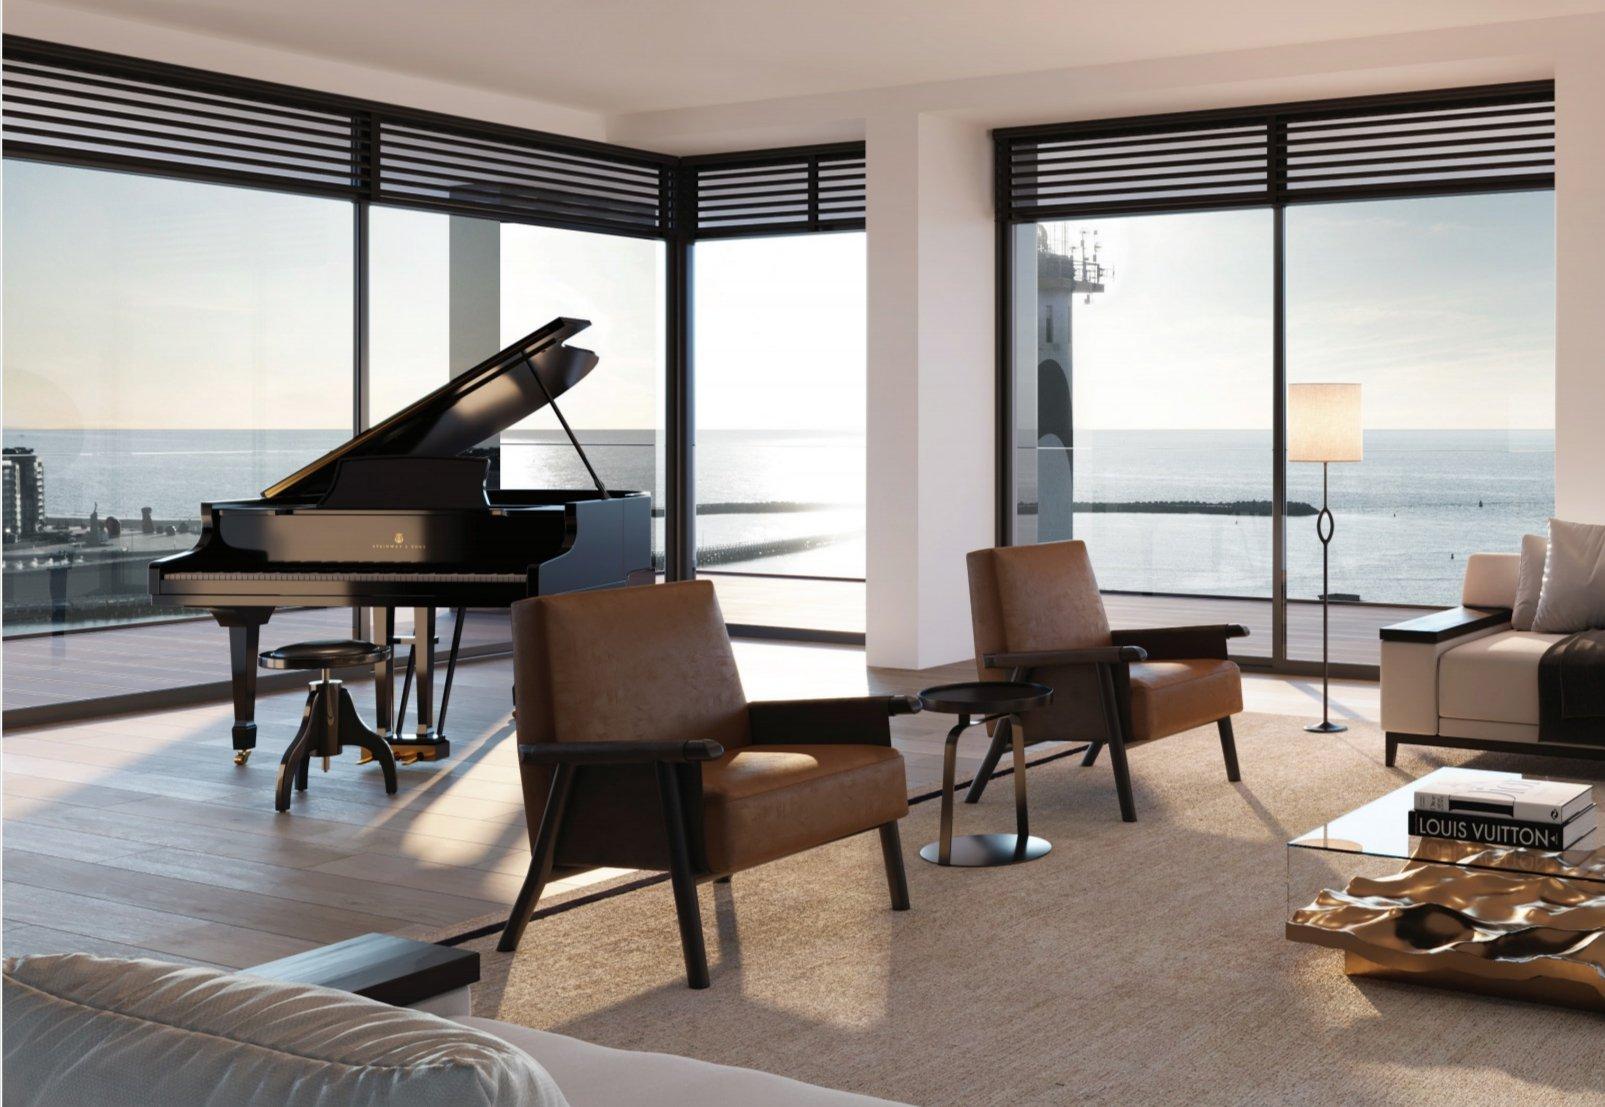 Exclusieve vastgoedprojecten met een stijlvolle leef- en woonomgeving